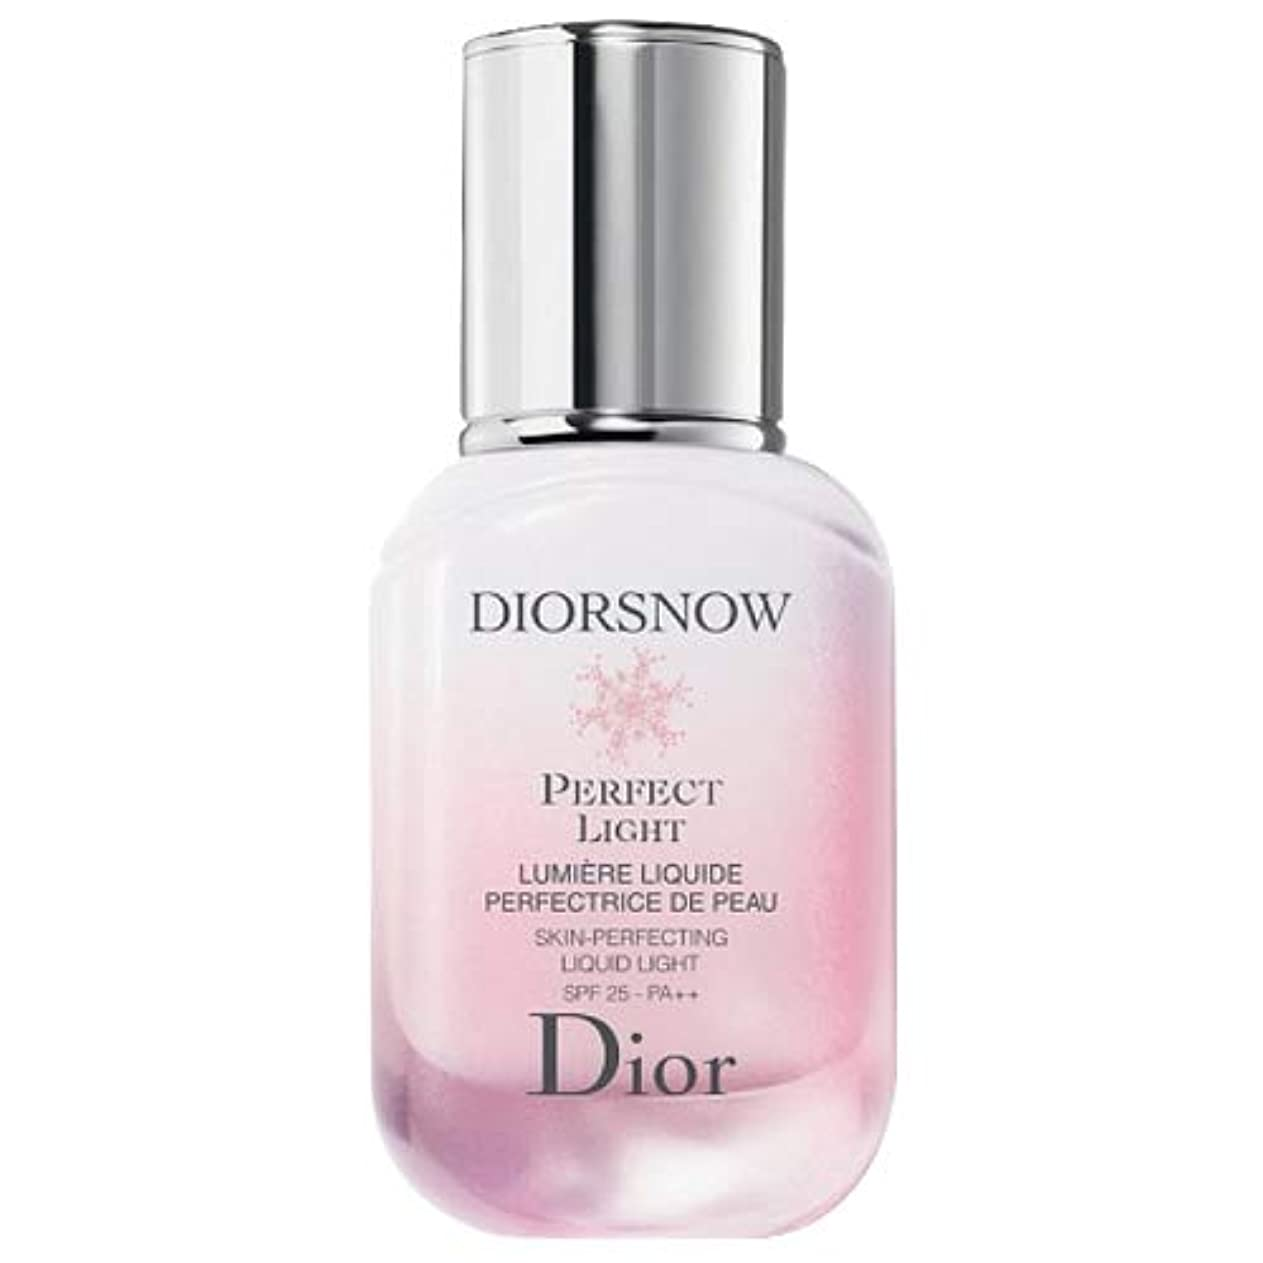 ガジュマルボックス窓クリスチャンディオール Christian Dior スノーパーフェクト ライト SPF25/PA++ 30mL [並行輸入品]